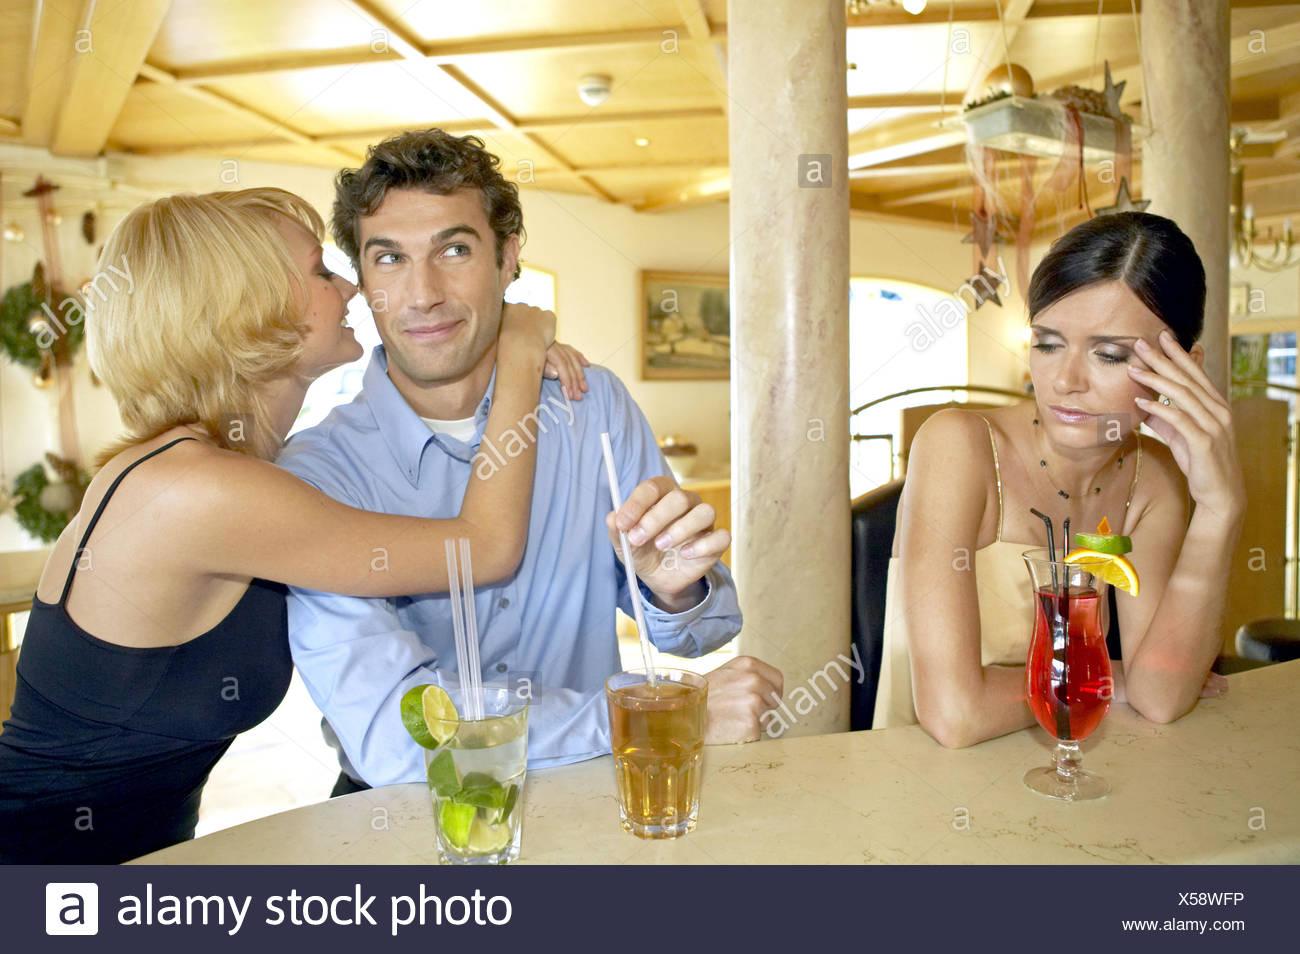 Mann flirtet eifersucht